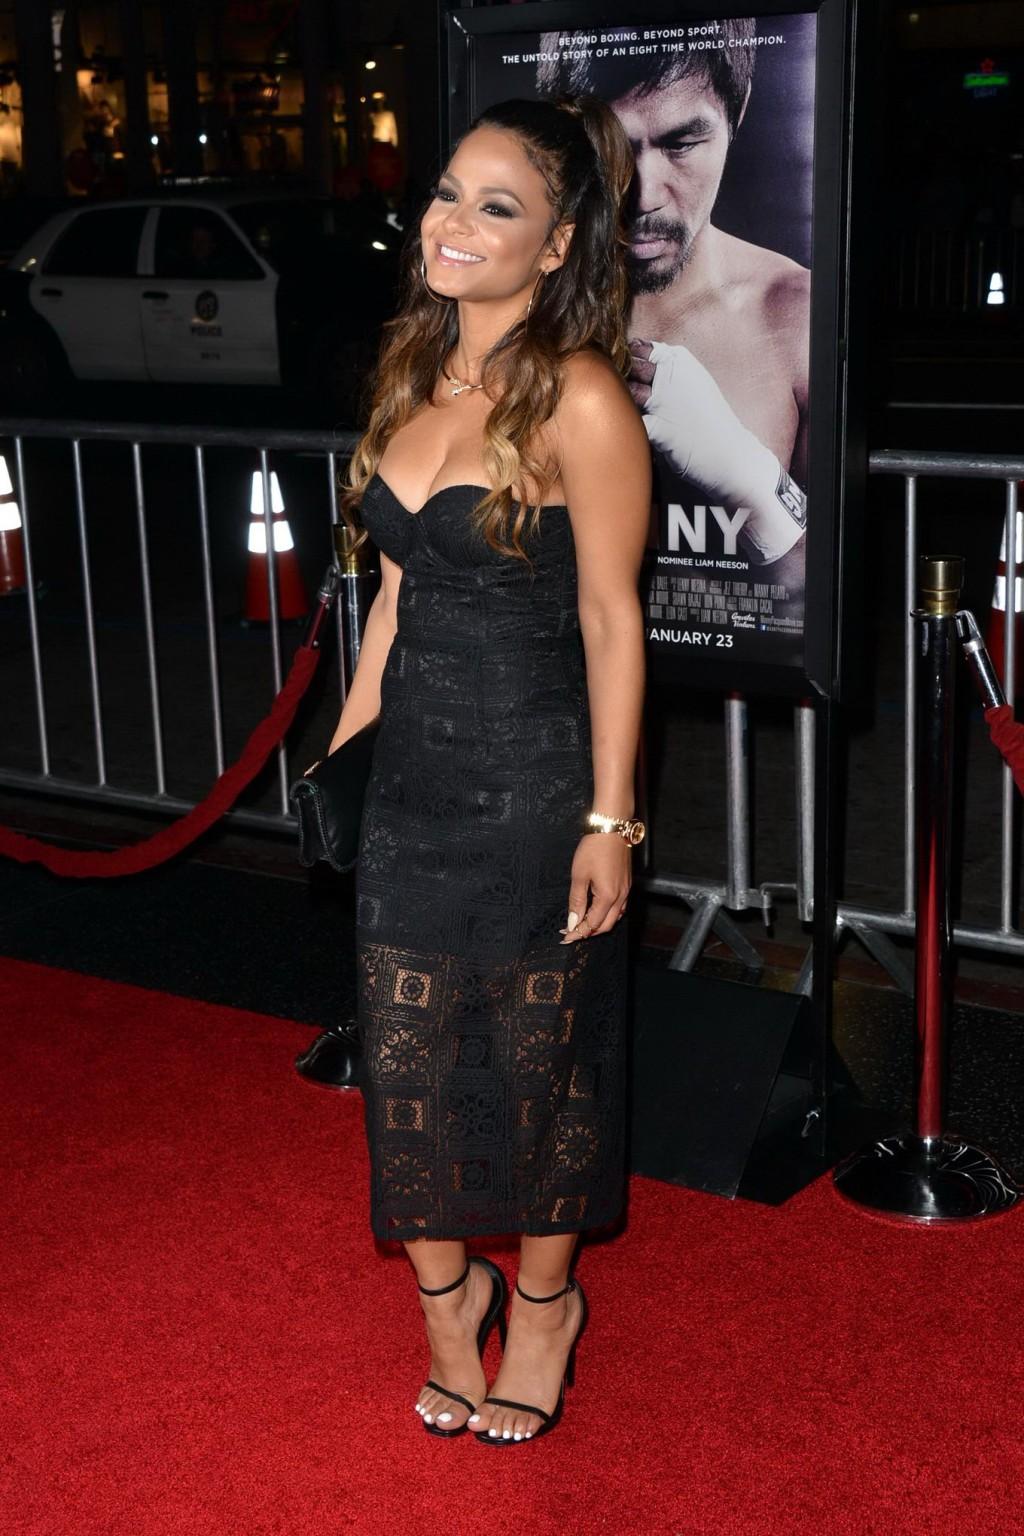 Знаменитая актриса Кристина славится своей привлекательной огромными сиськами